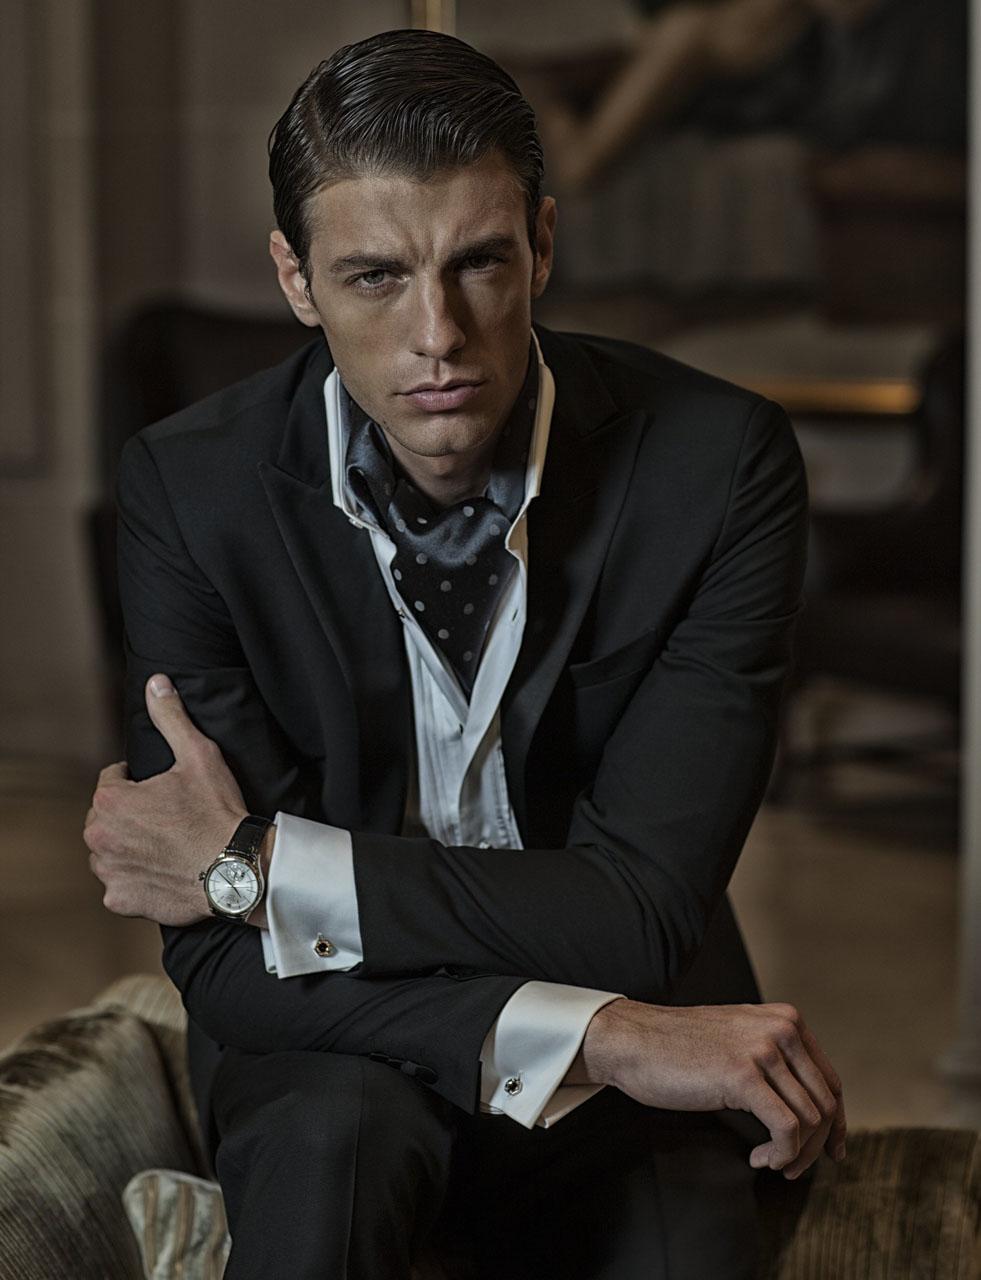 Ilias Konstantinou